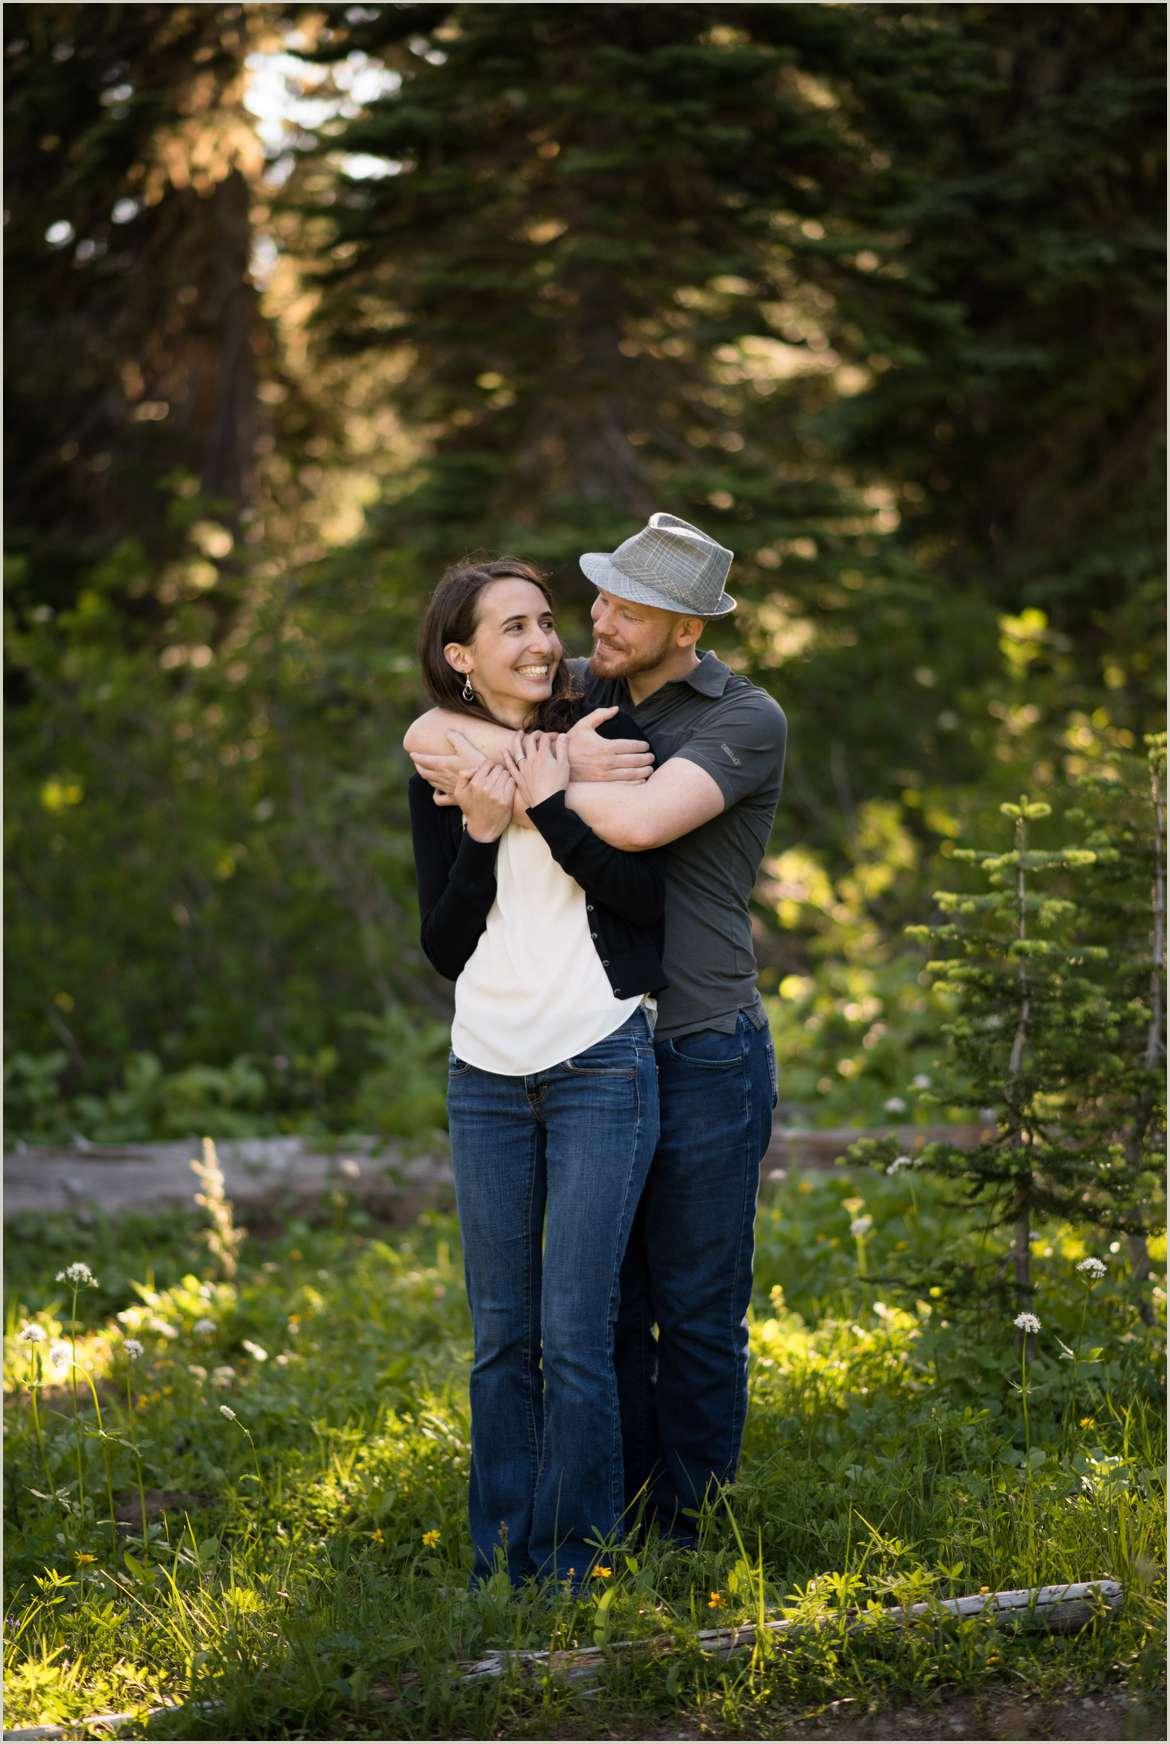 washington-engagement-photos